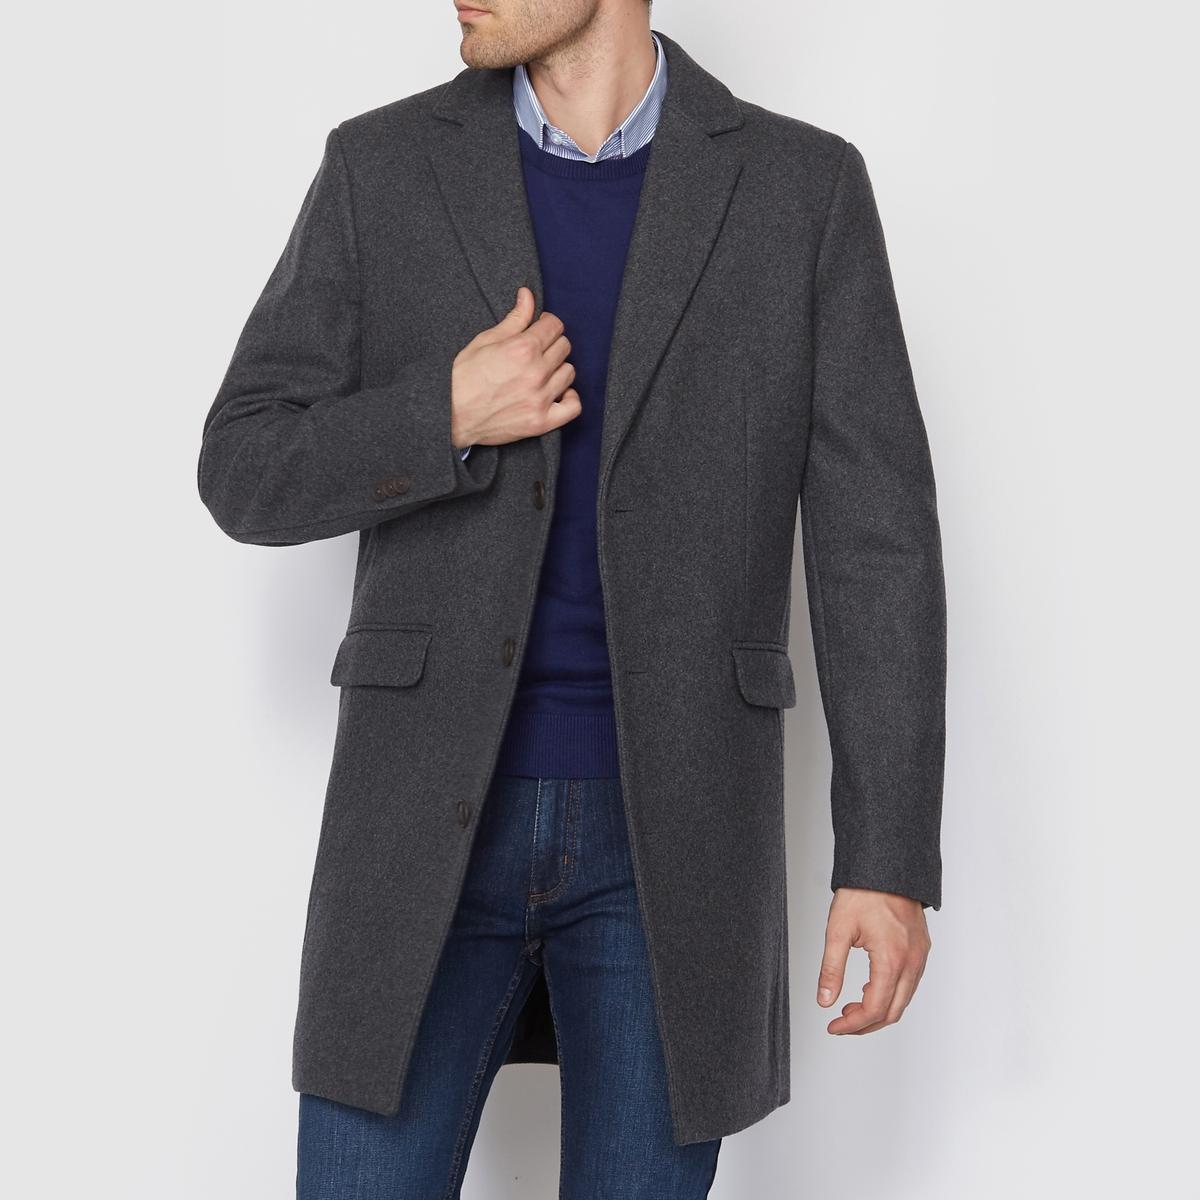 Пальто из шерстяного драпаСостав и описание :          Материал : Шерстяной драп,  60% шерсти, 25% полиэстера, 10% других волокон,5% акрила.           Марка : R essentiel.                      Уход :        Сухая чистка.<br><br>Цвет: антрацит<br>Размер: M